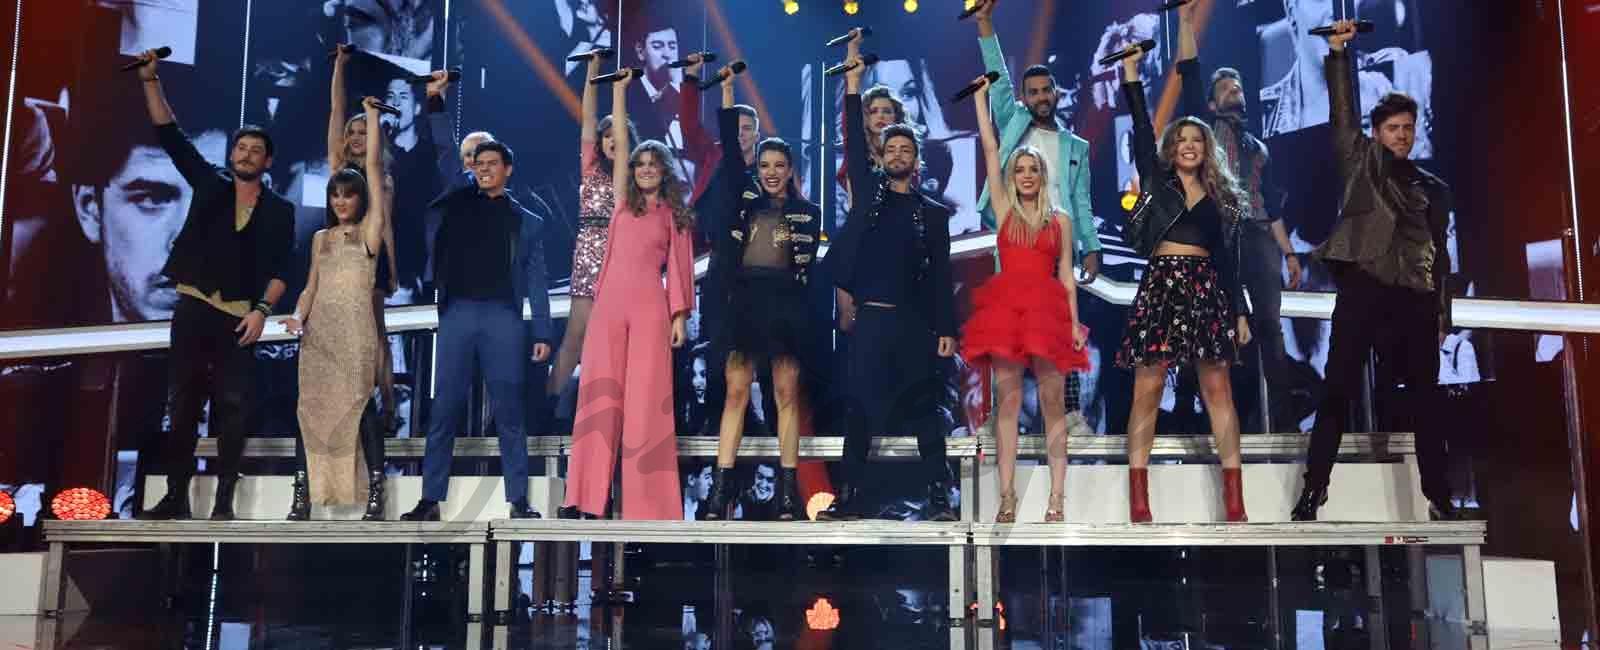 Los mejores momentos de la gala especial Navidad 'OT 2017'